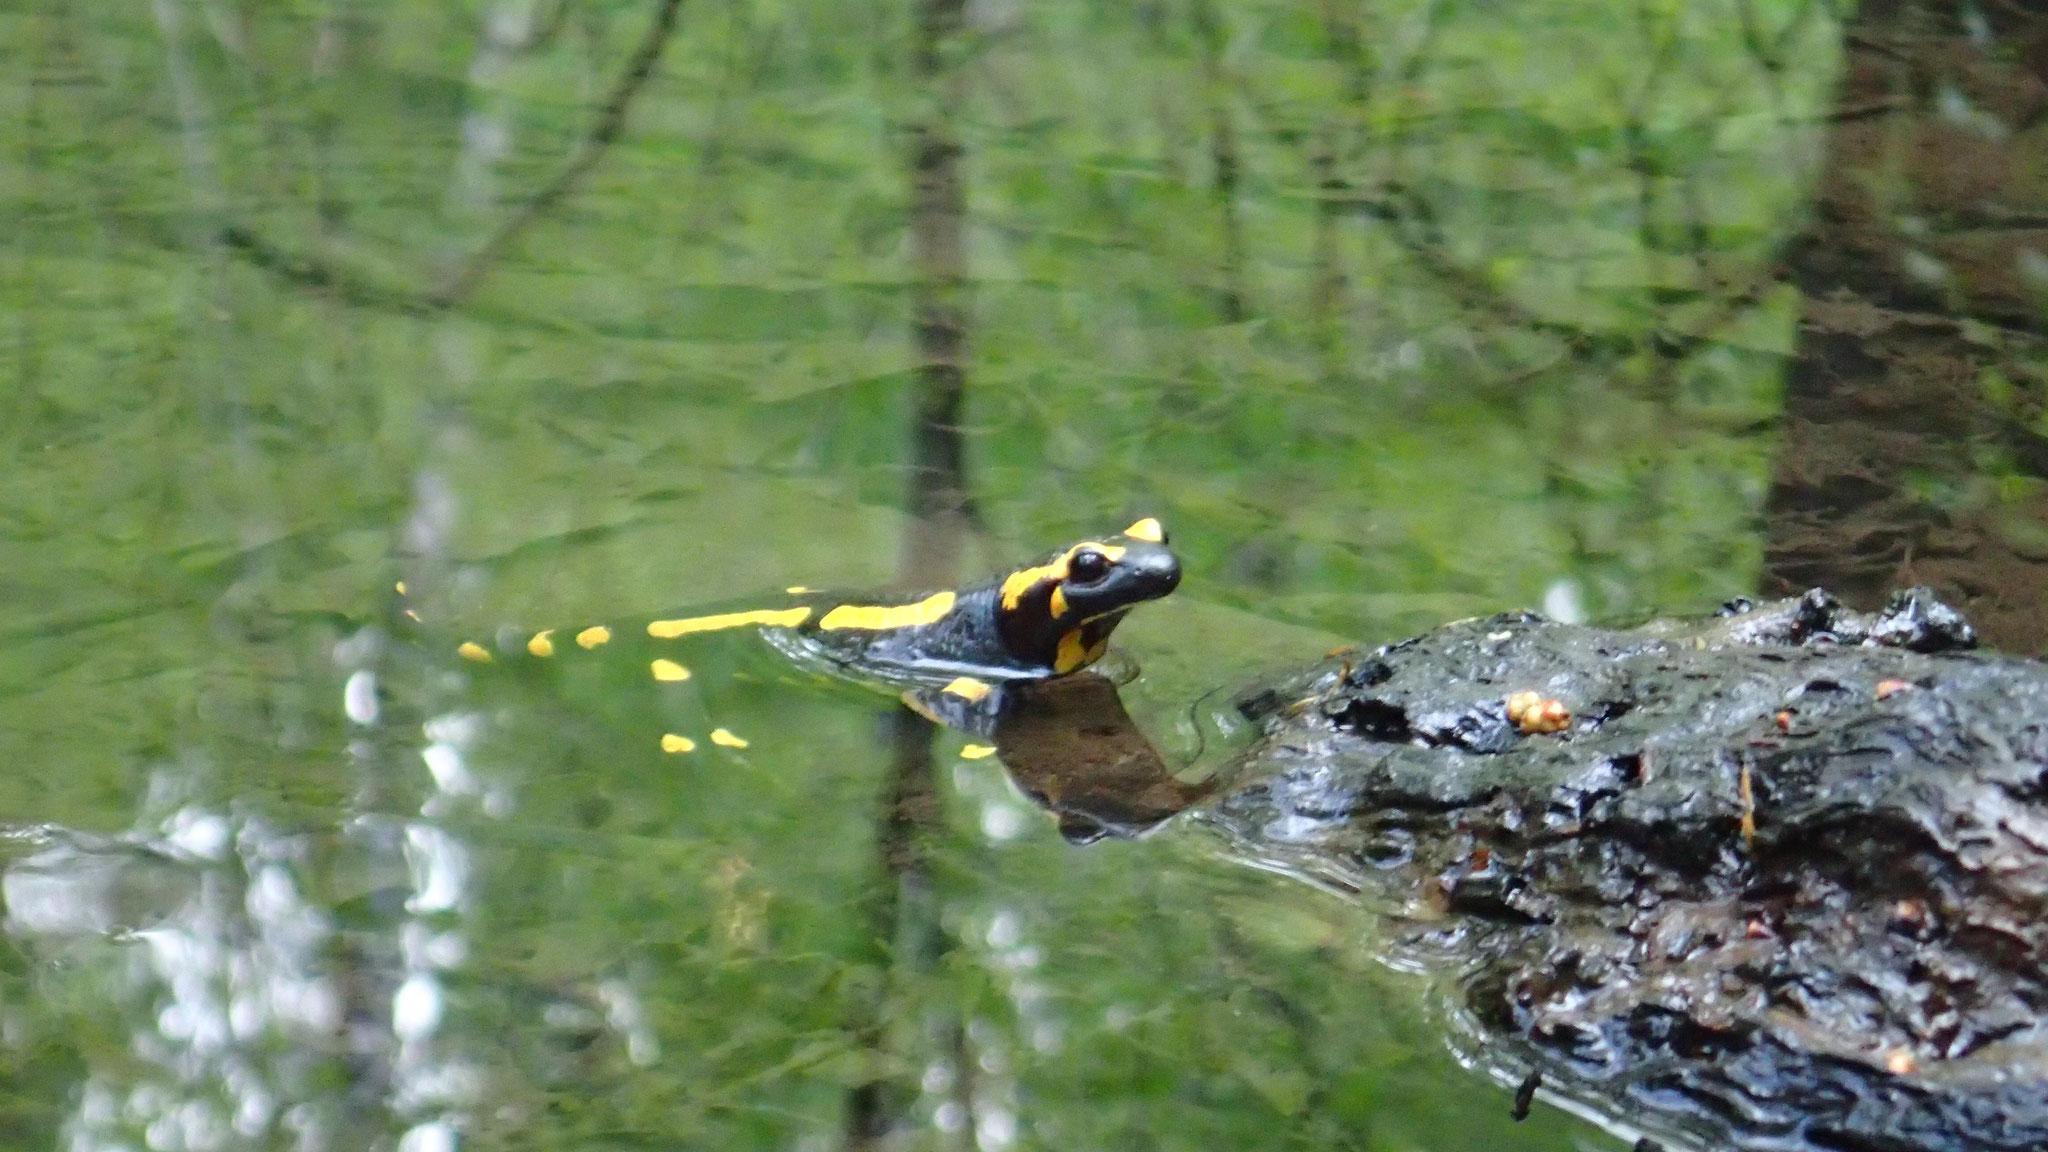 Kleiner Drache - Ein Feuersalamander im Lappwald. Foto: ÖNSA/N. Feige